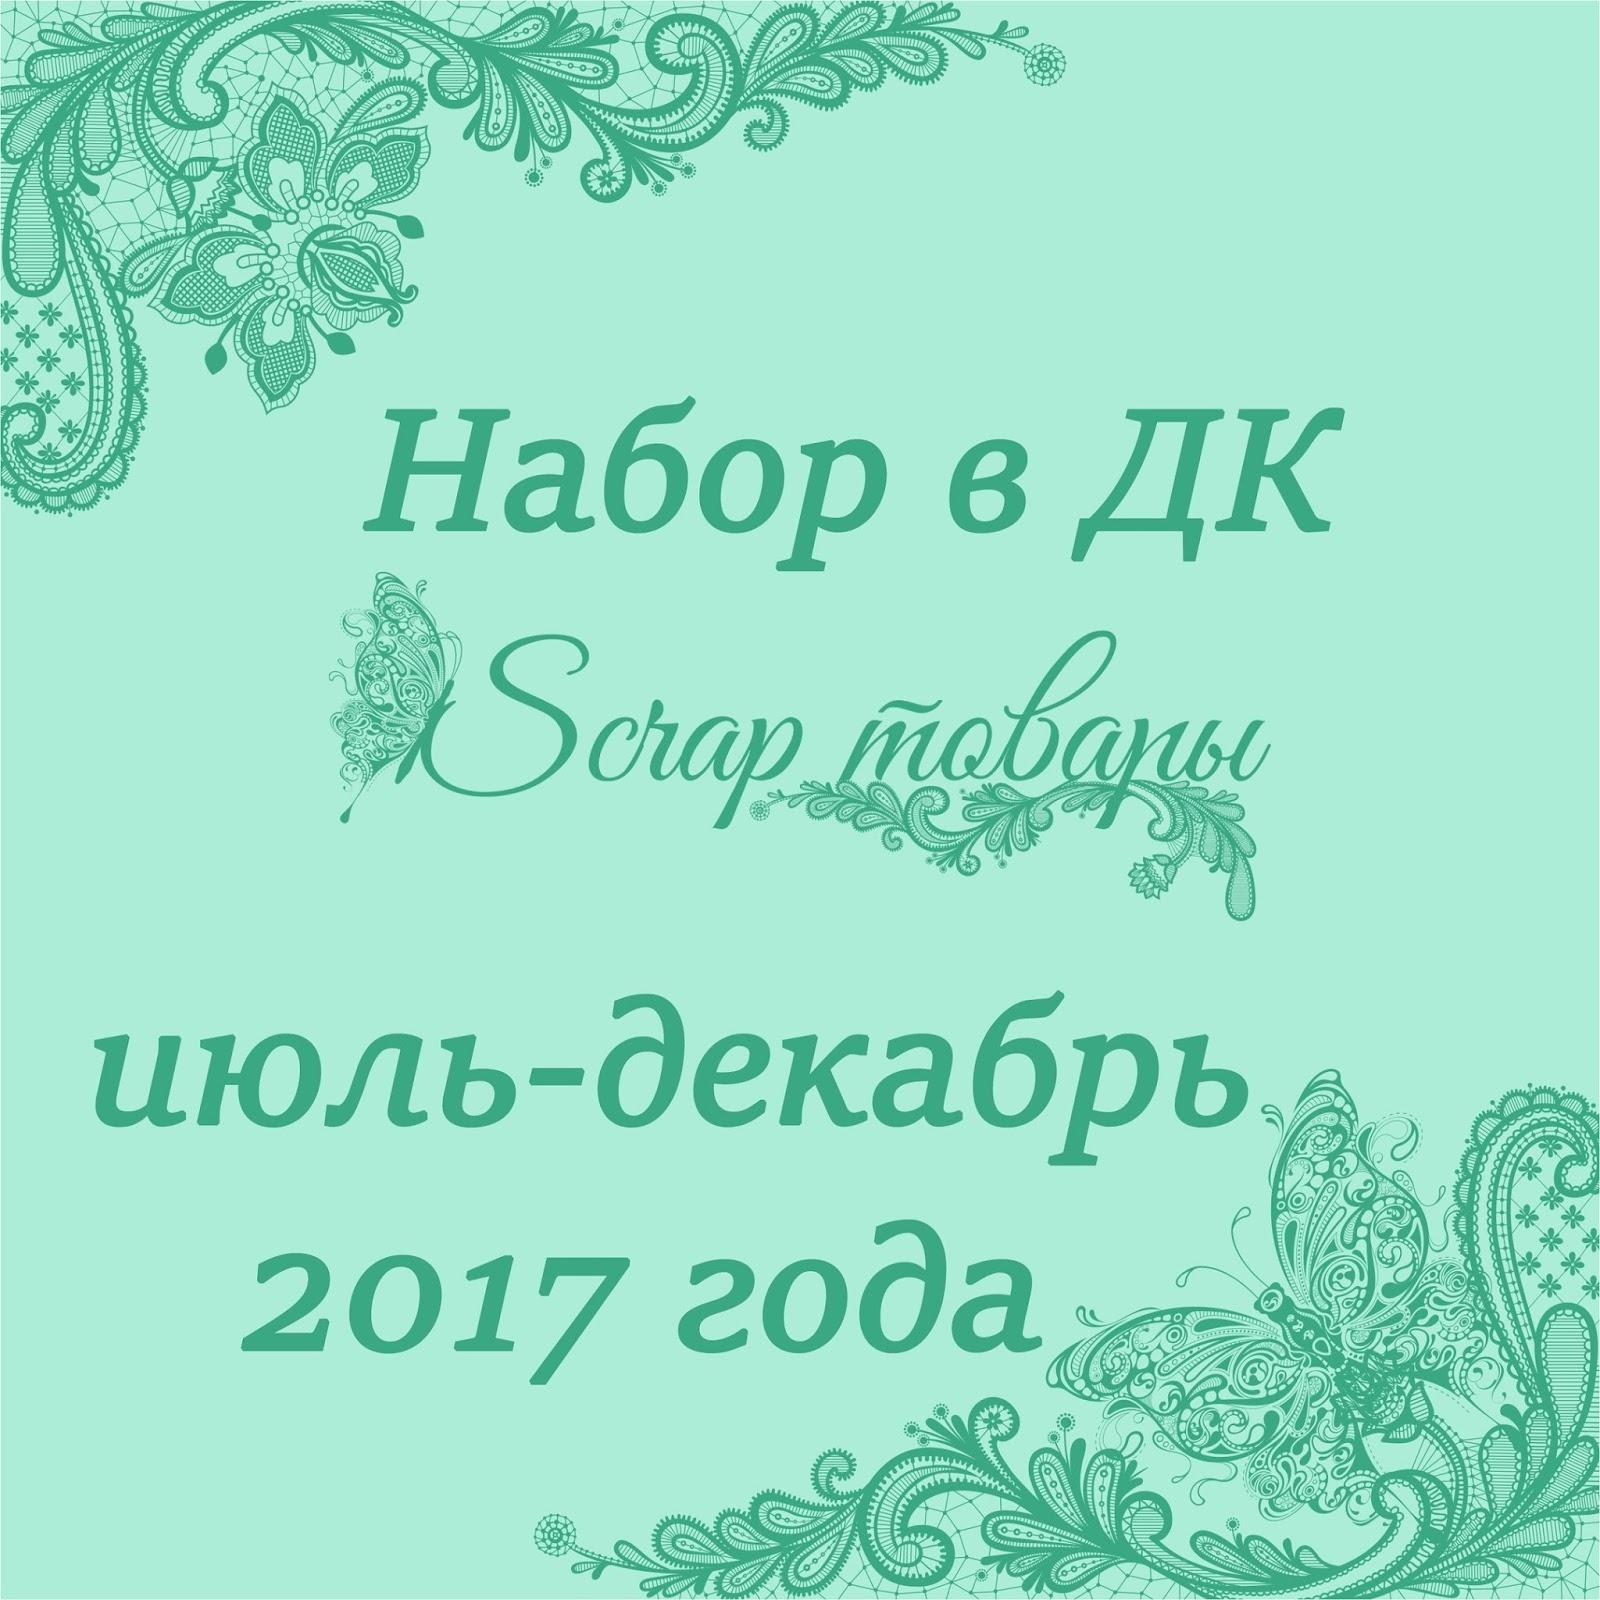 Набор в ДК июль-декабрь 2017